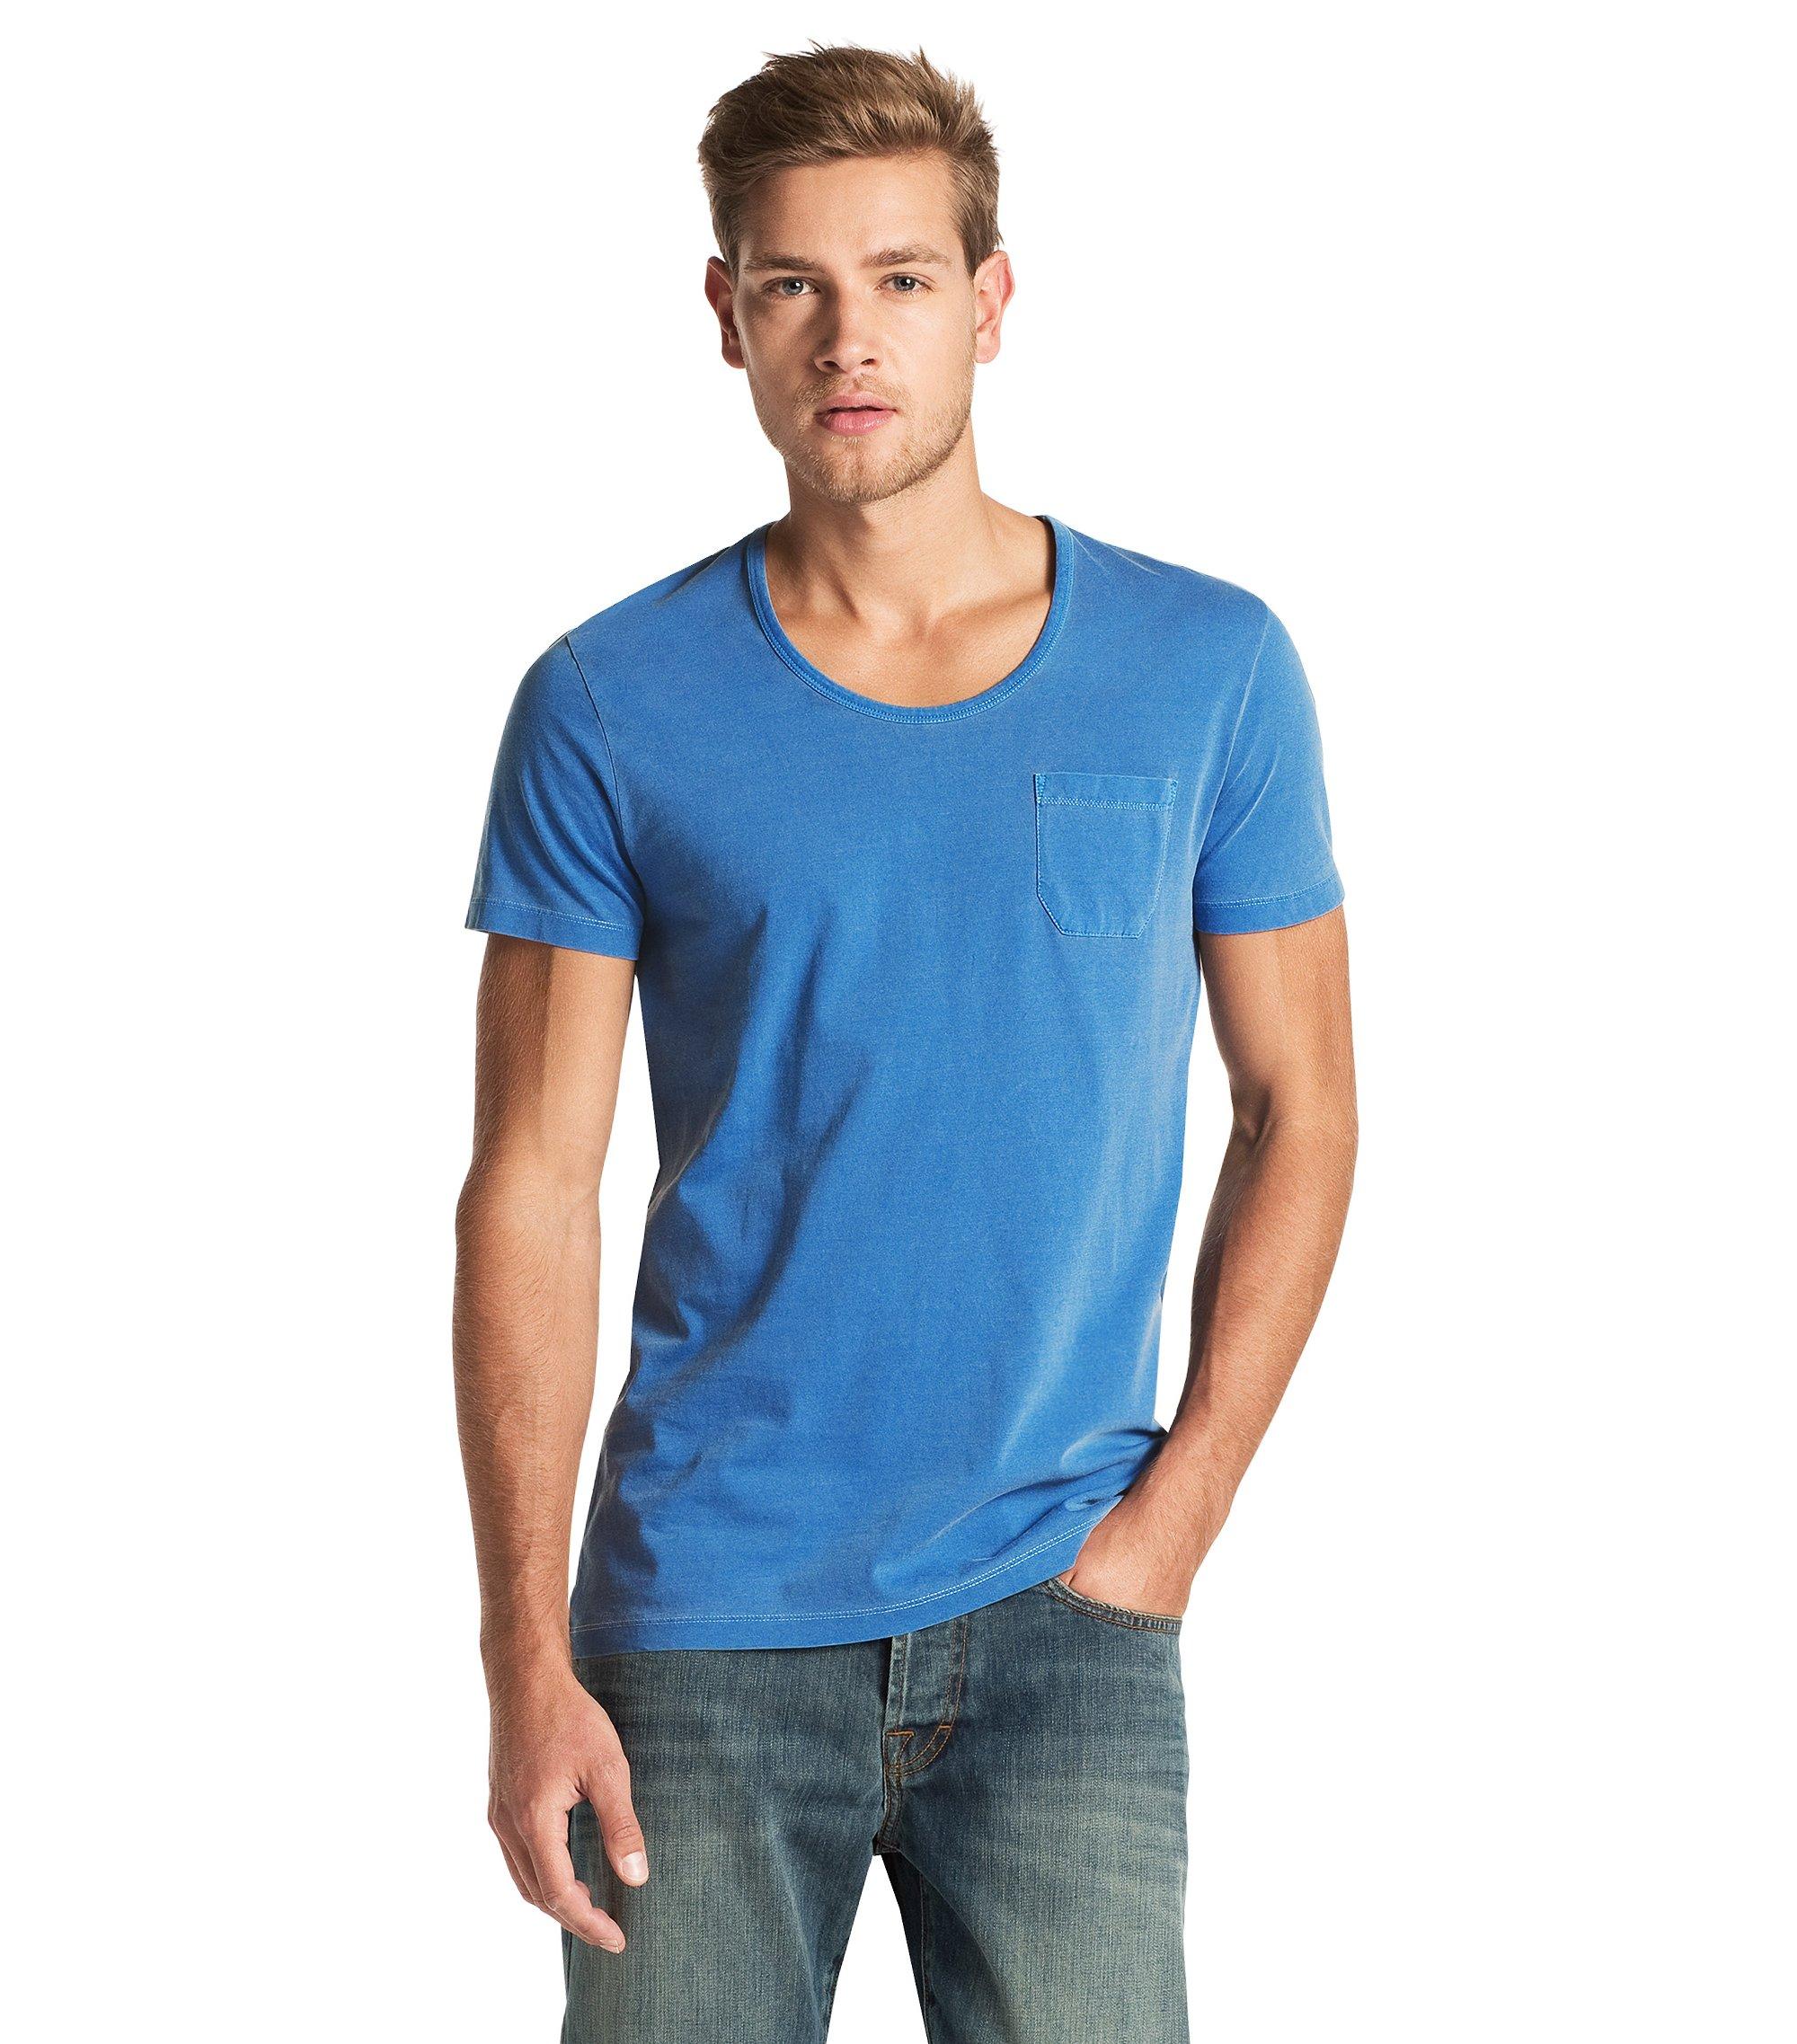 T-Shirt ´Taxes` mit Rundhals-Ausschnitt, Blau